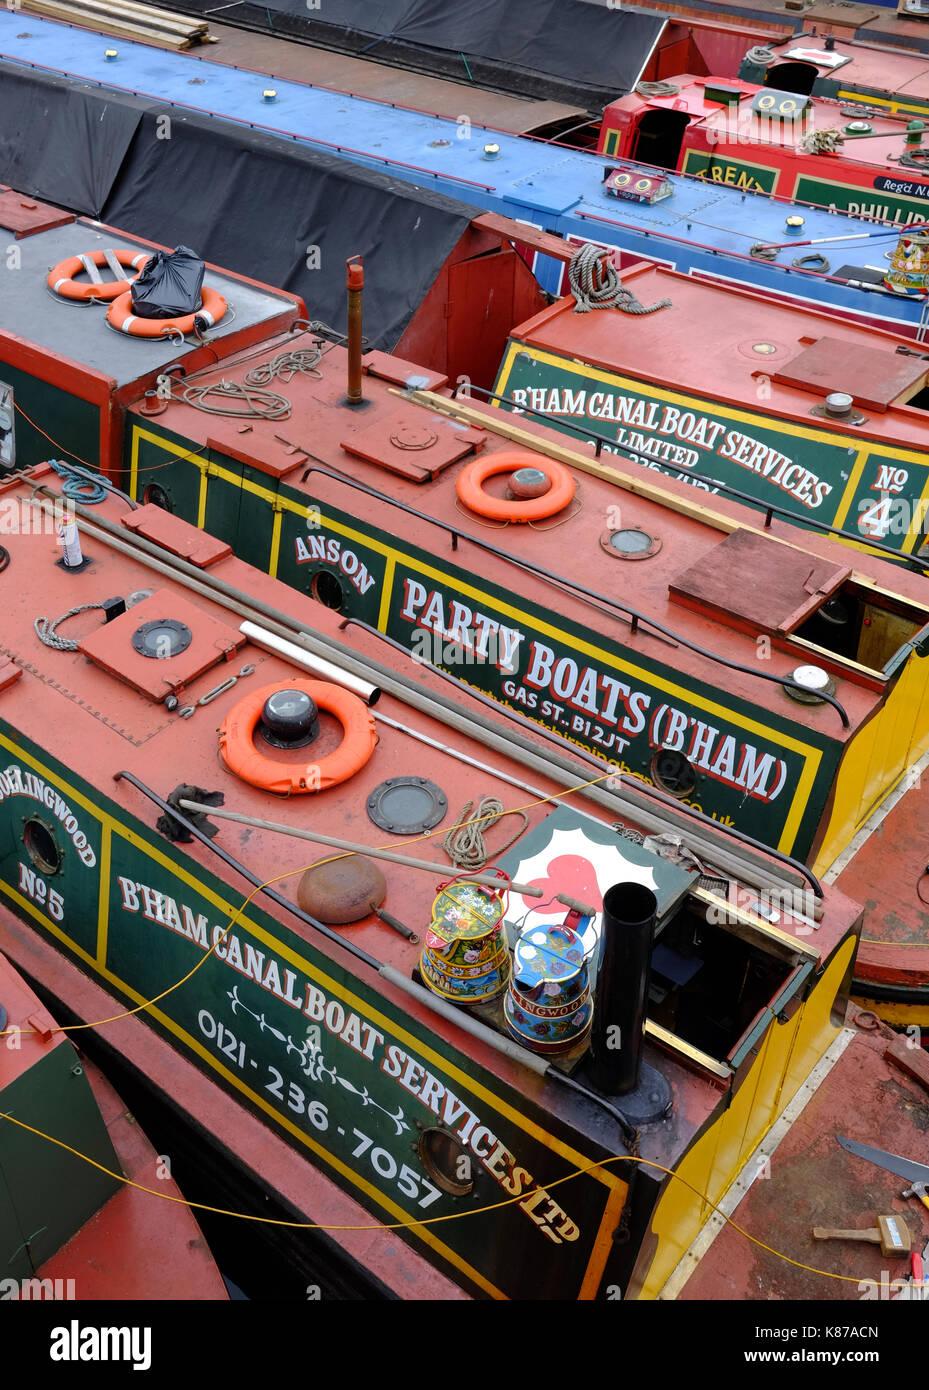 Schmale Boote in Gas Street Basin, auf dem historischen canal Netzwerk in Birmingham, England Stockbild